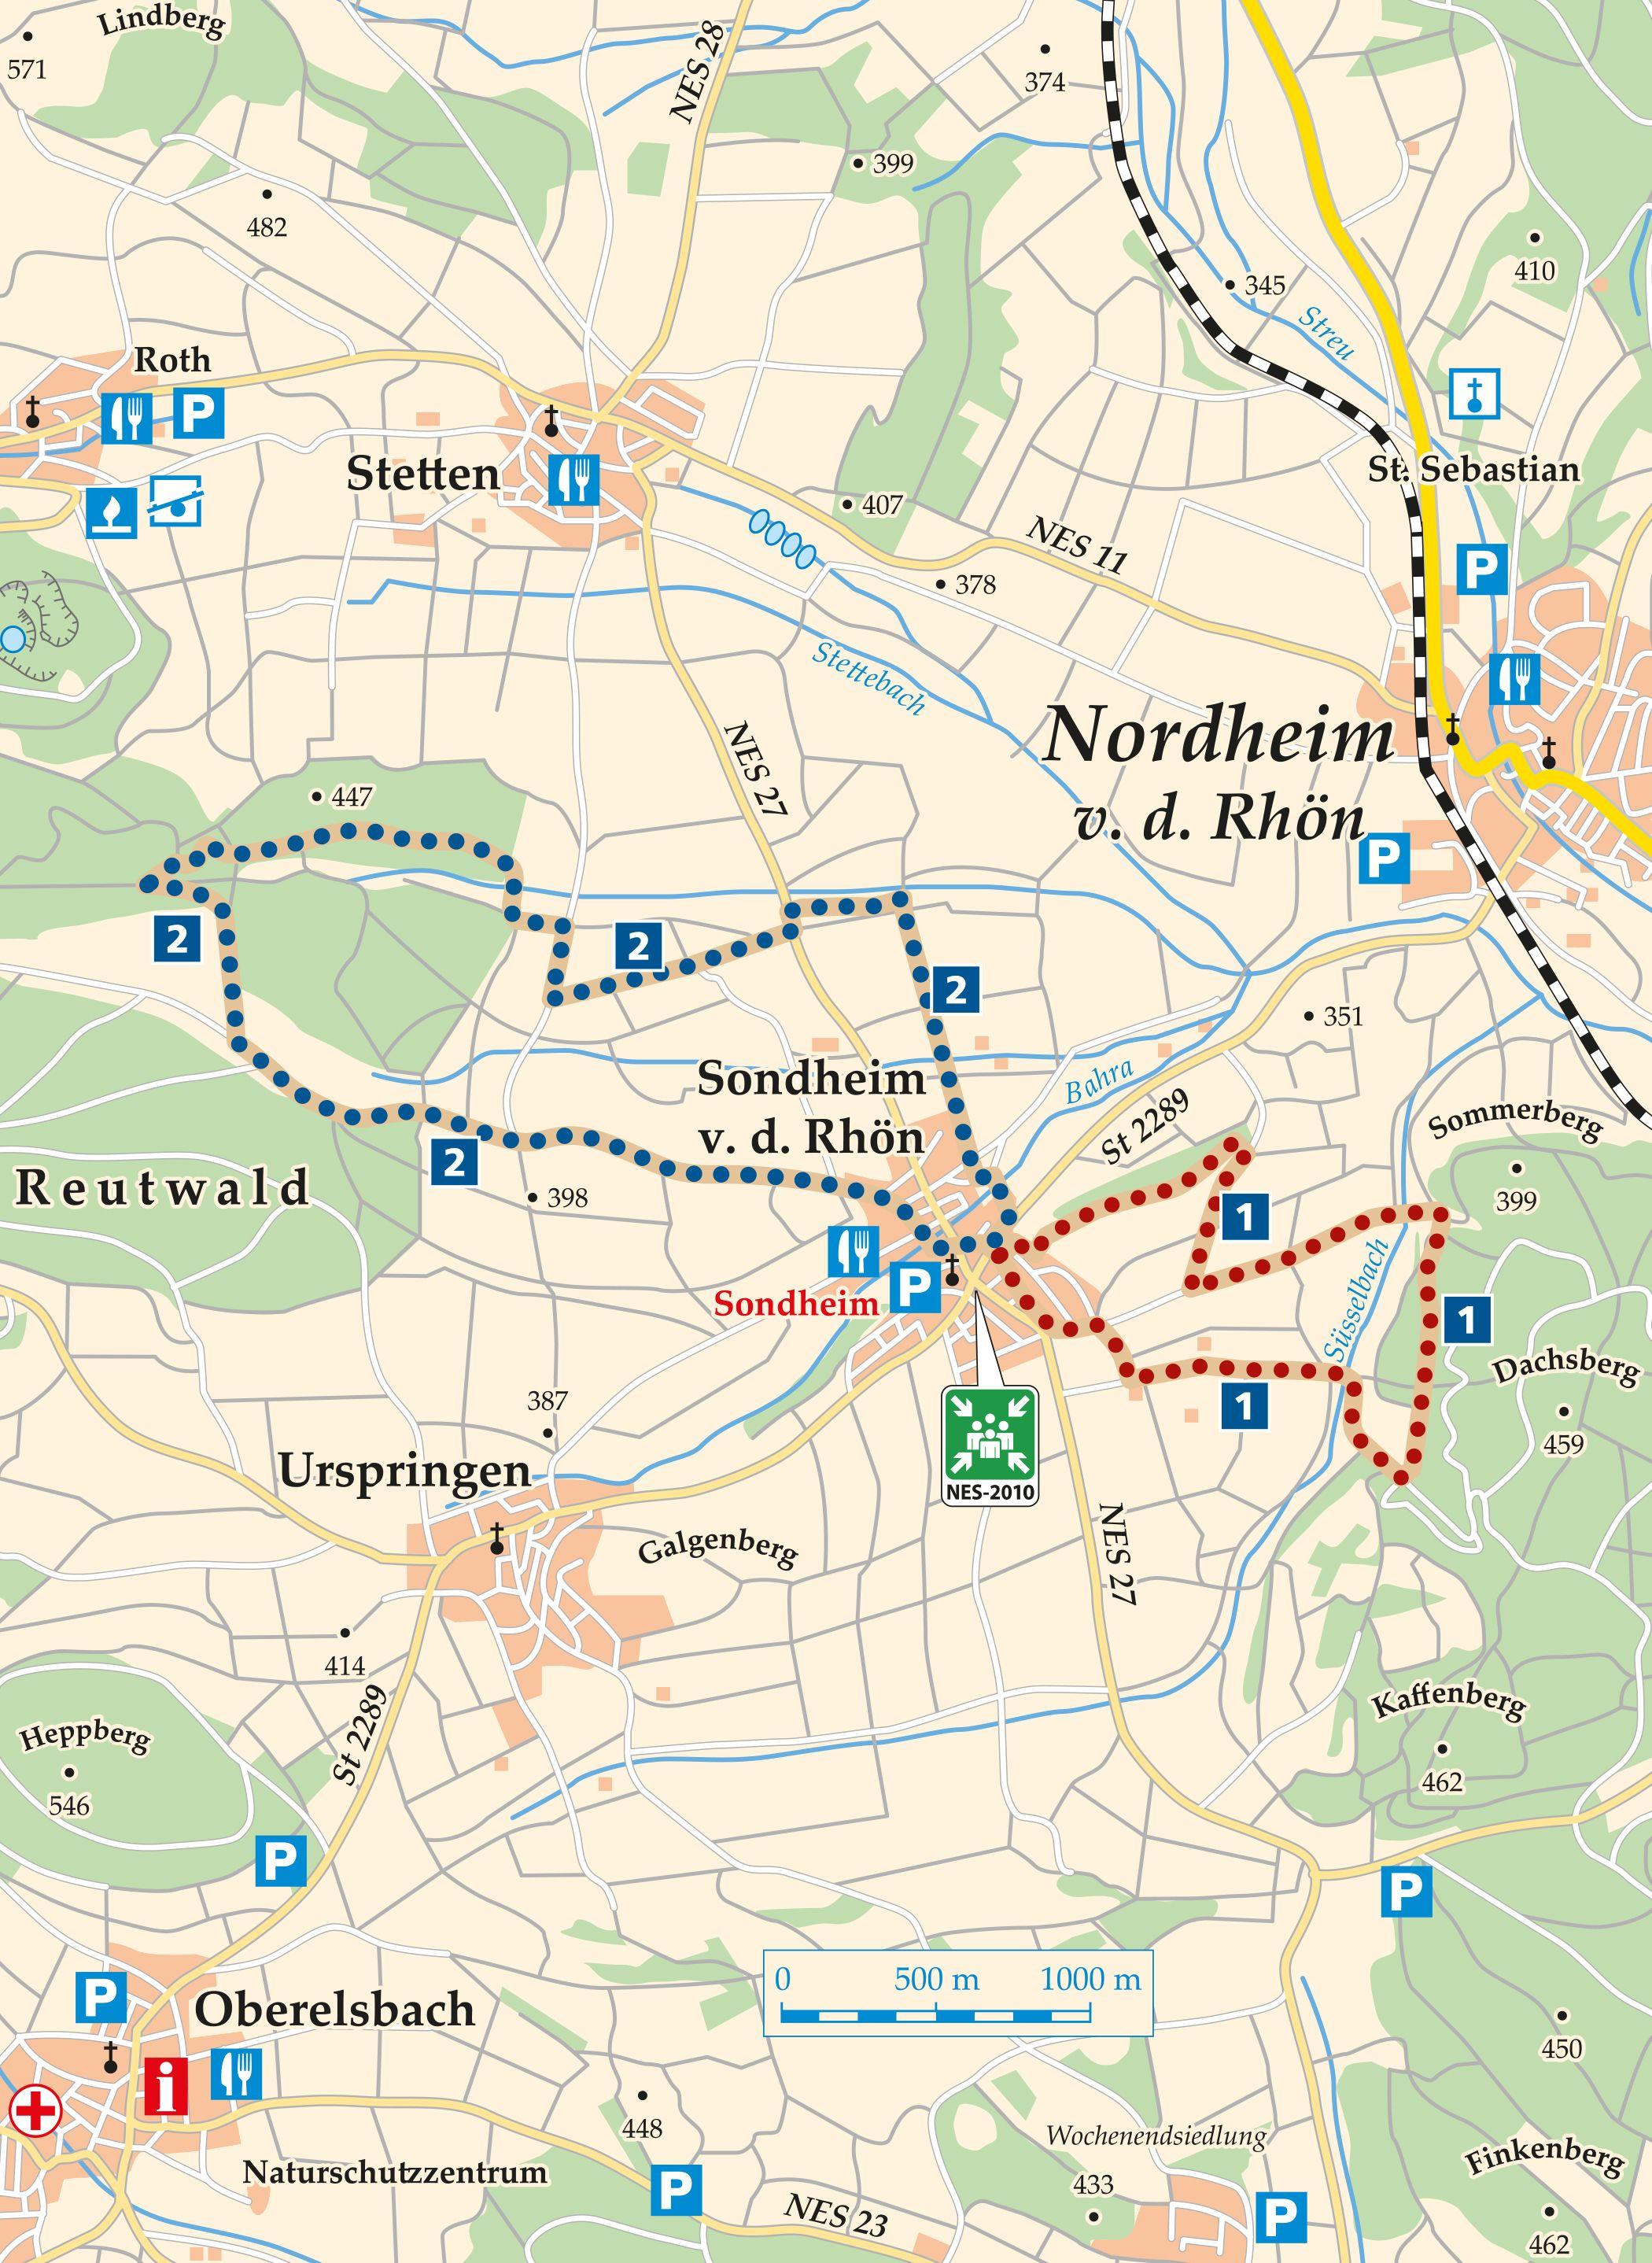 Rhön Rundweg 1 Sondheim v. d. Rhön - KarteRhön Rundweg 1 Sondheim v. d. Rhön - Karte